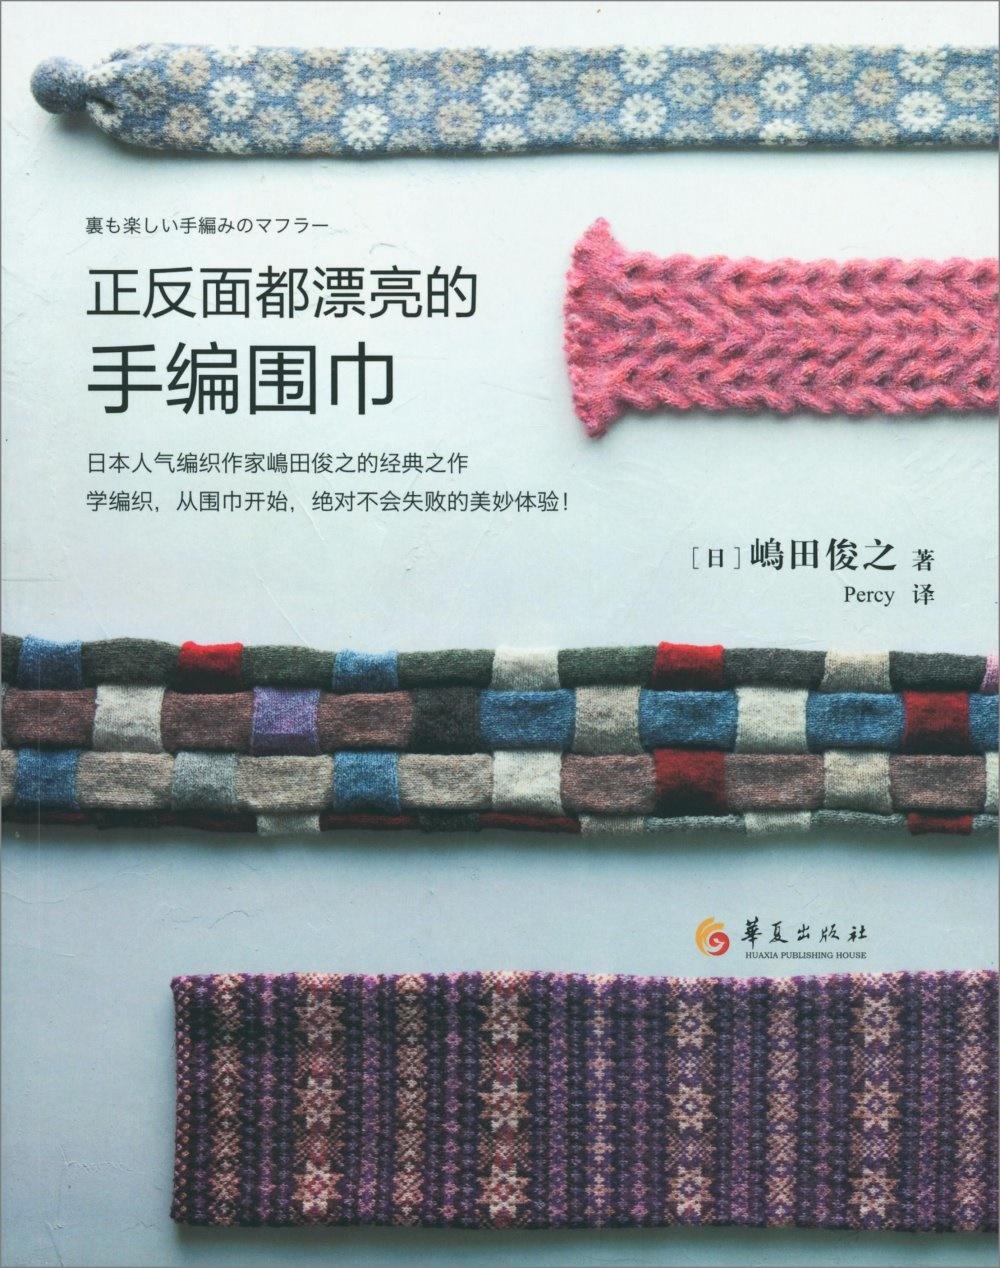 正反面都漂亮的手編圍巾